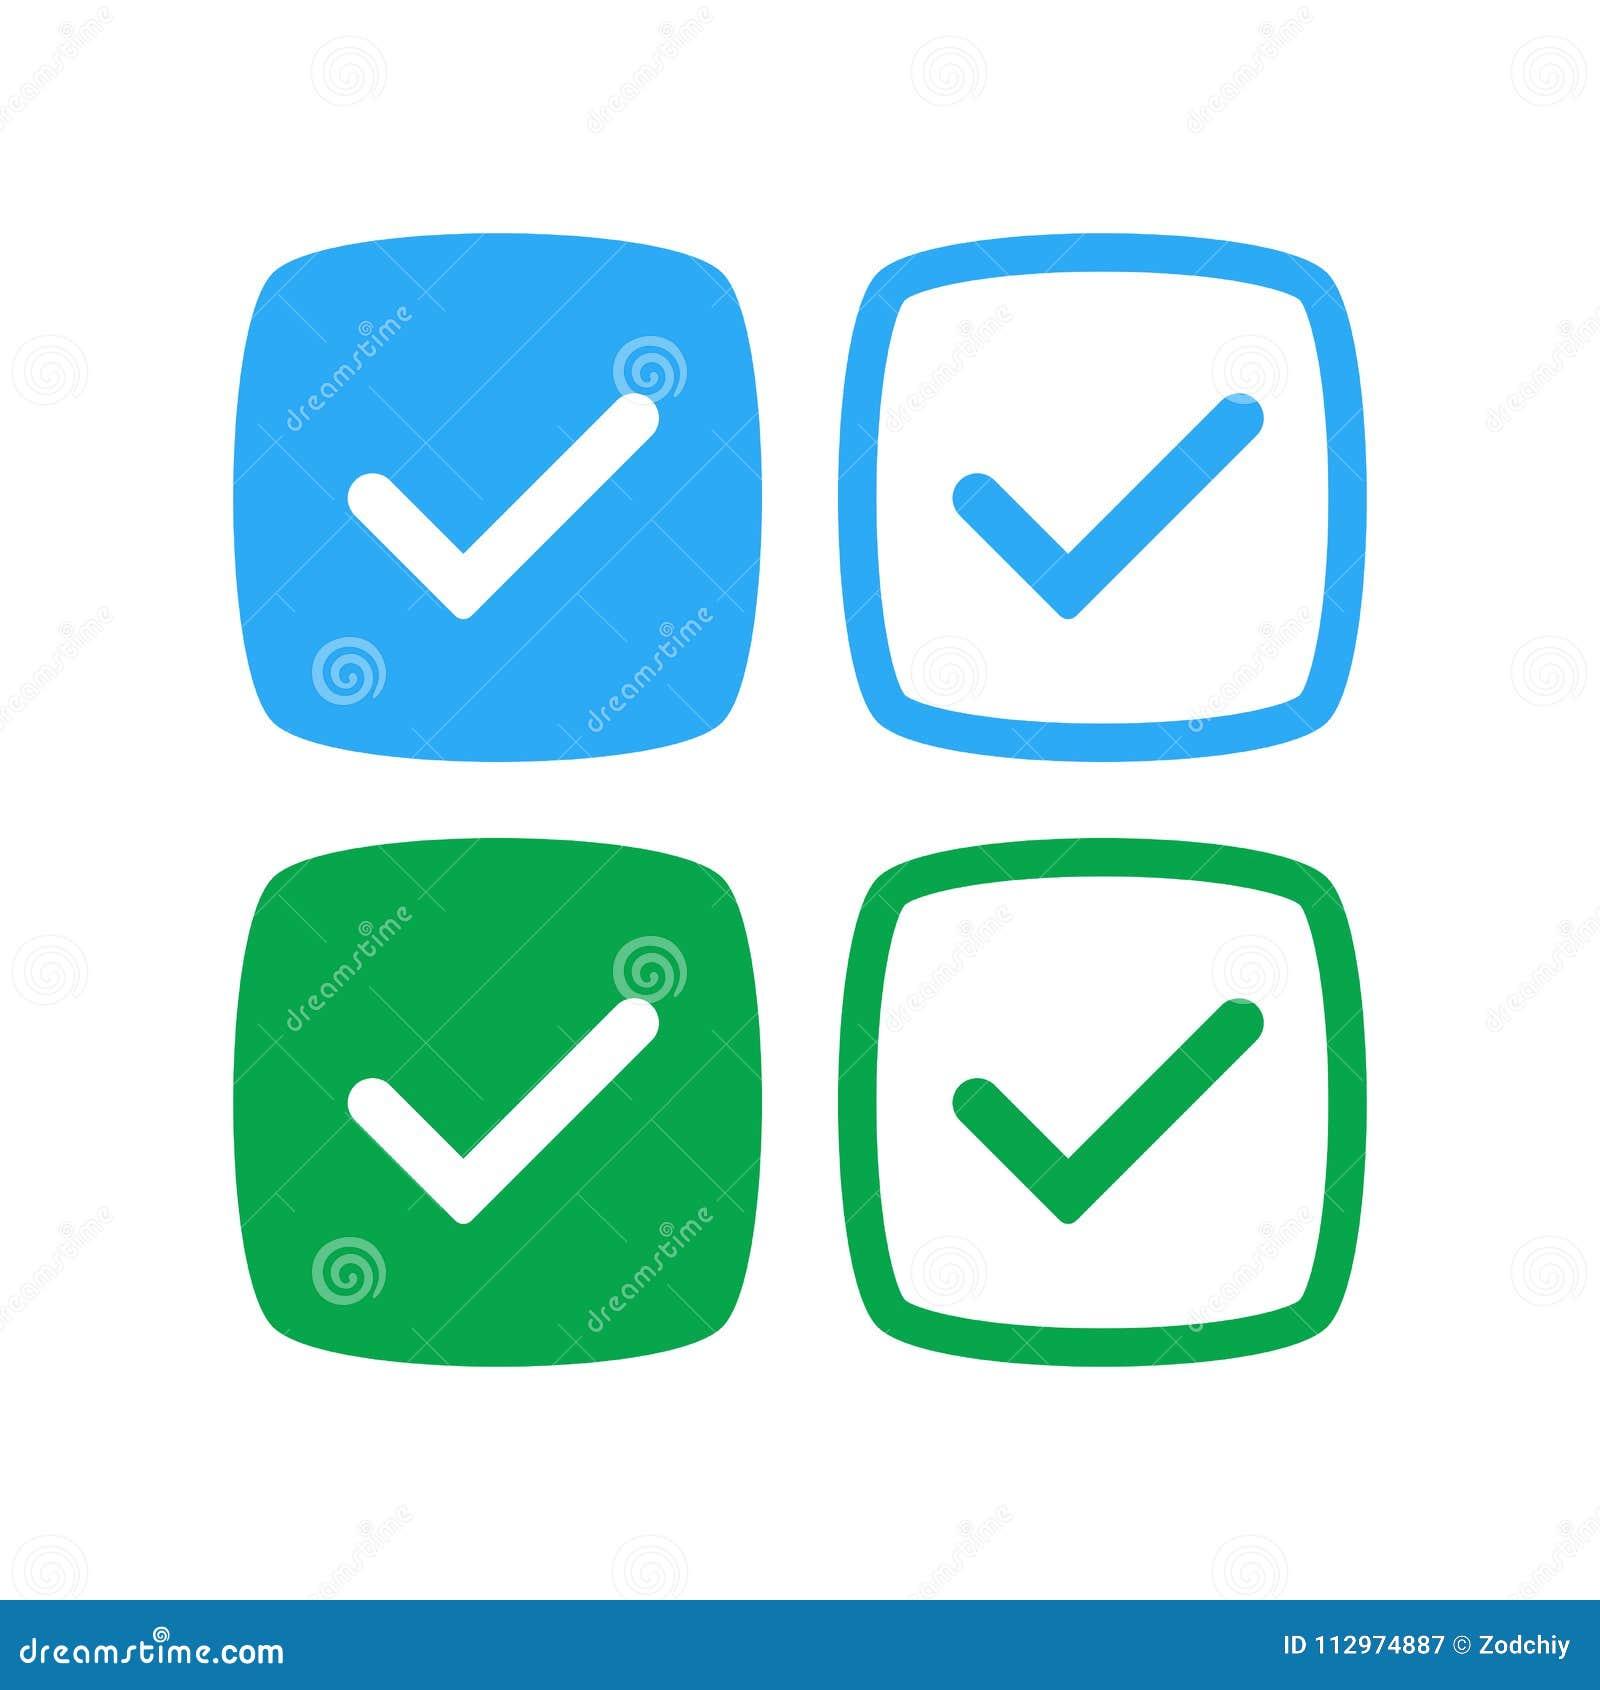 Copie Social-networks-verified-badges-2